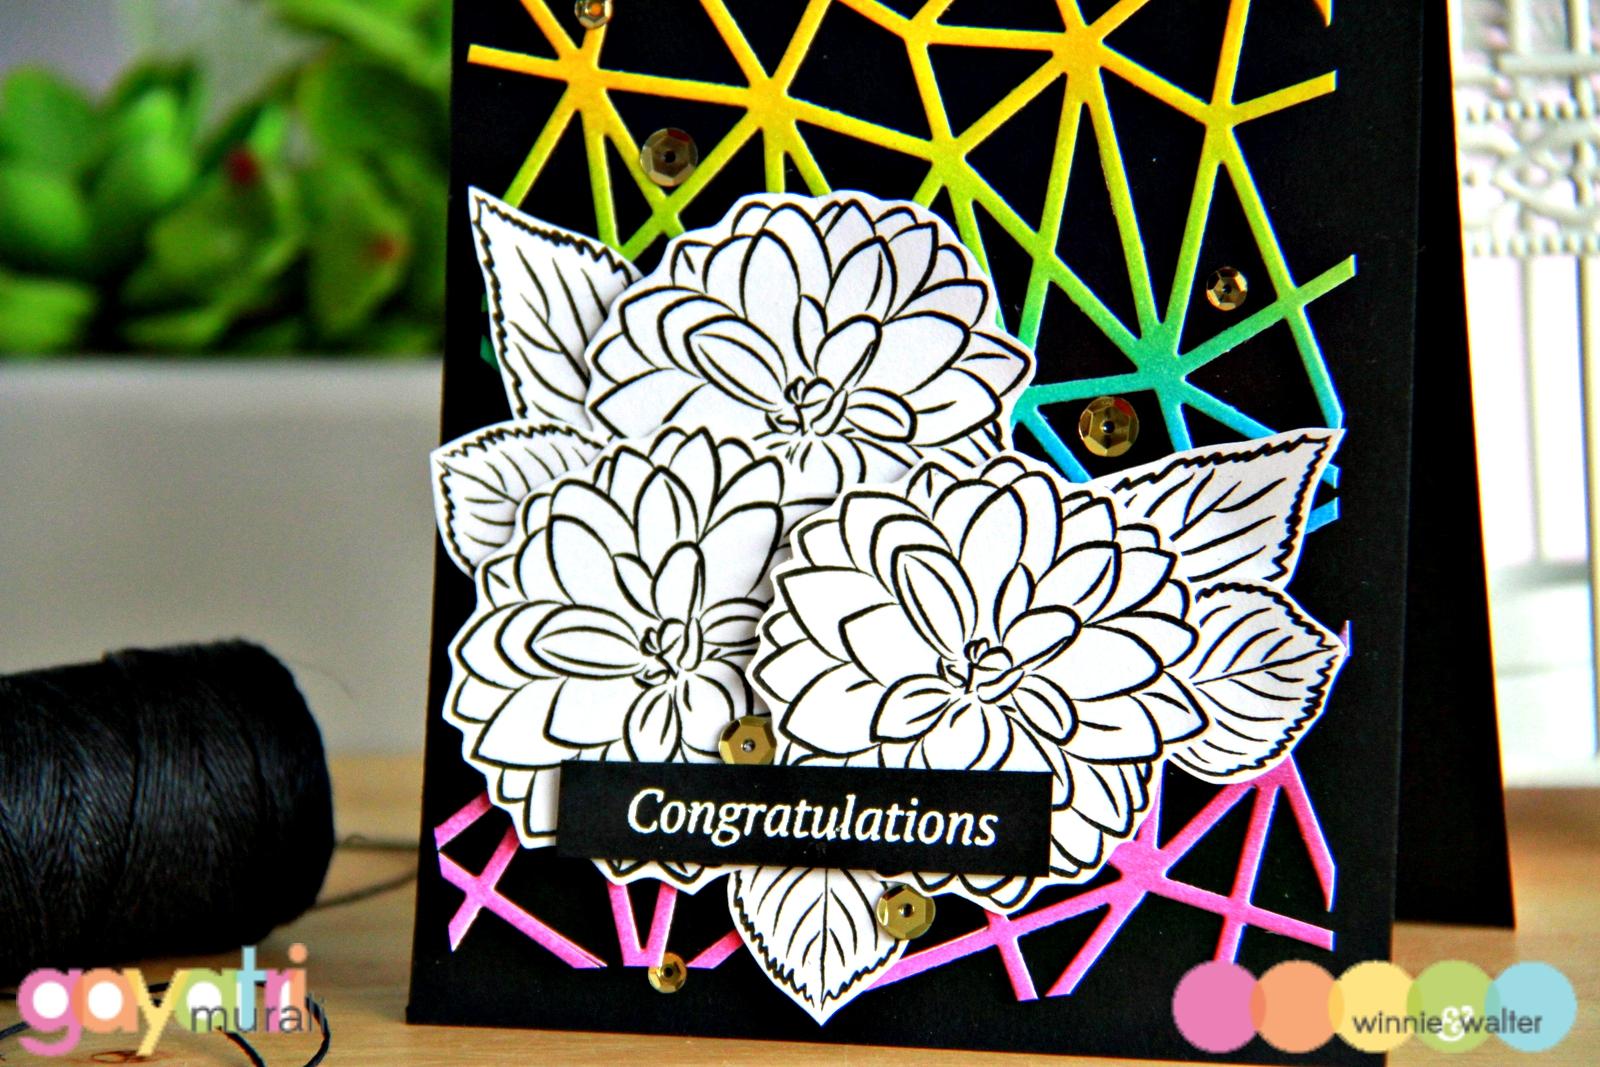 gayatri_Congratulations closeup